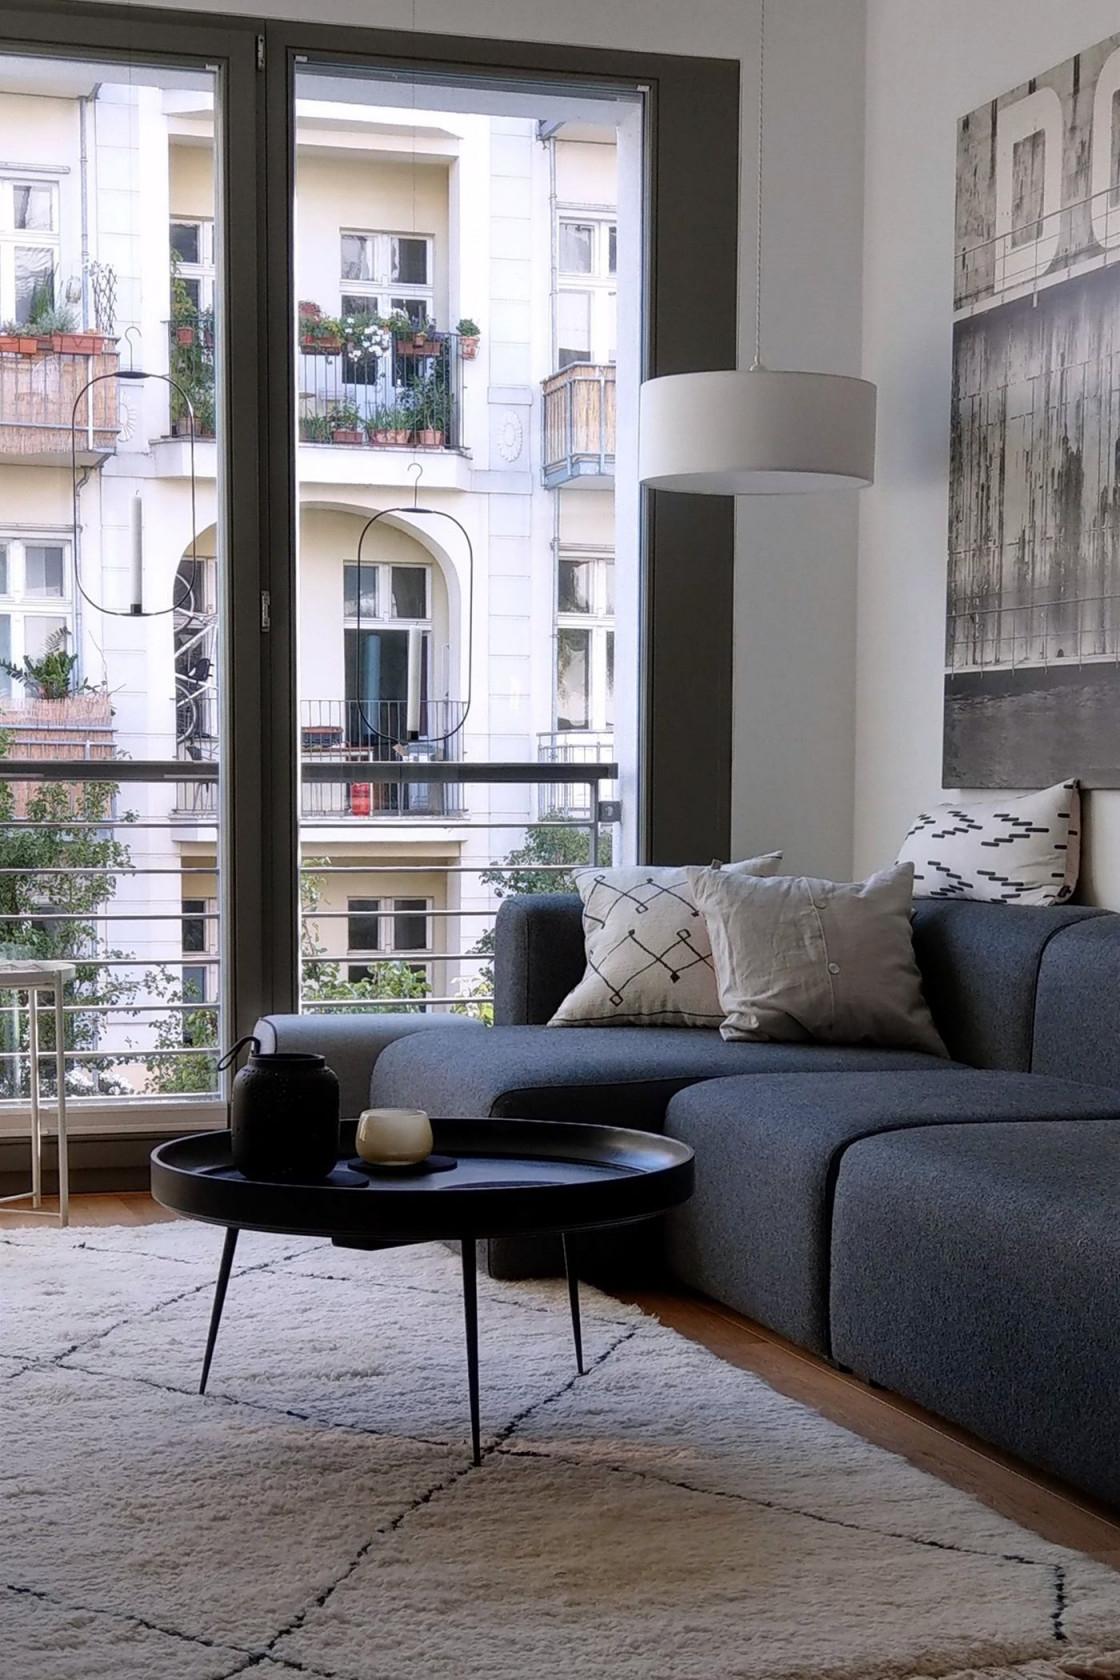 Wohnzimmer Die Schönsten Ideen von Ideen Wohnzimmer Gestalten Photo